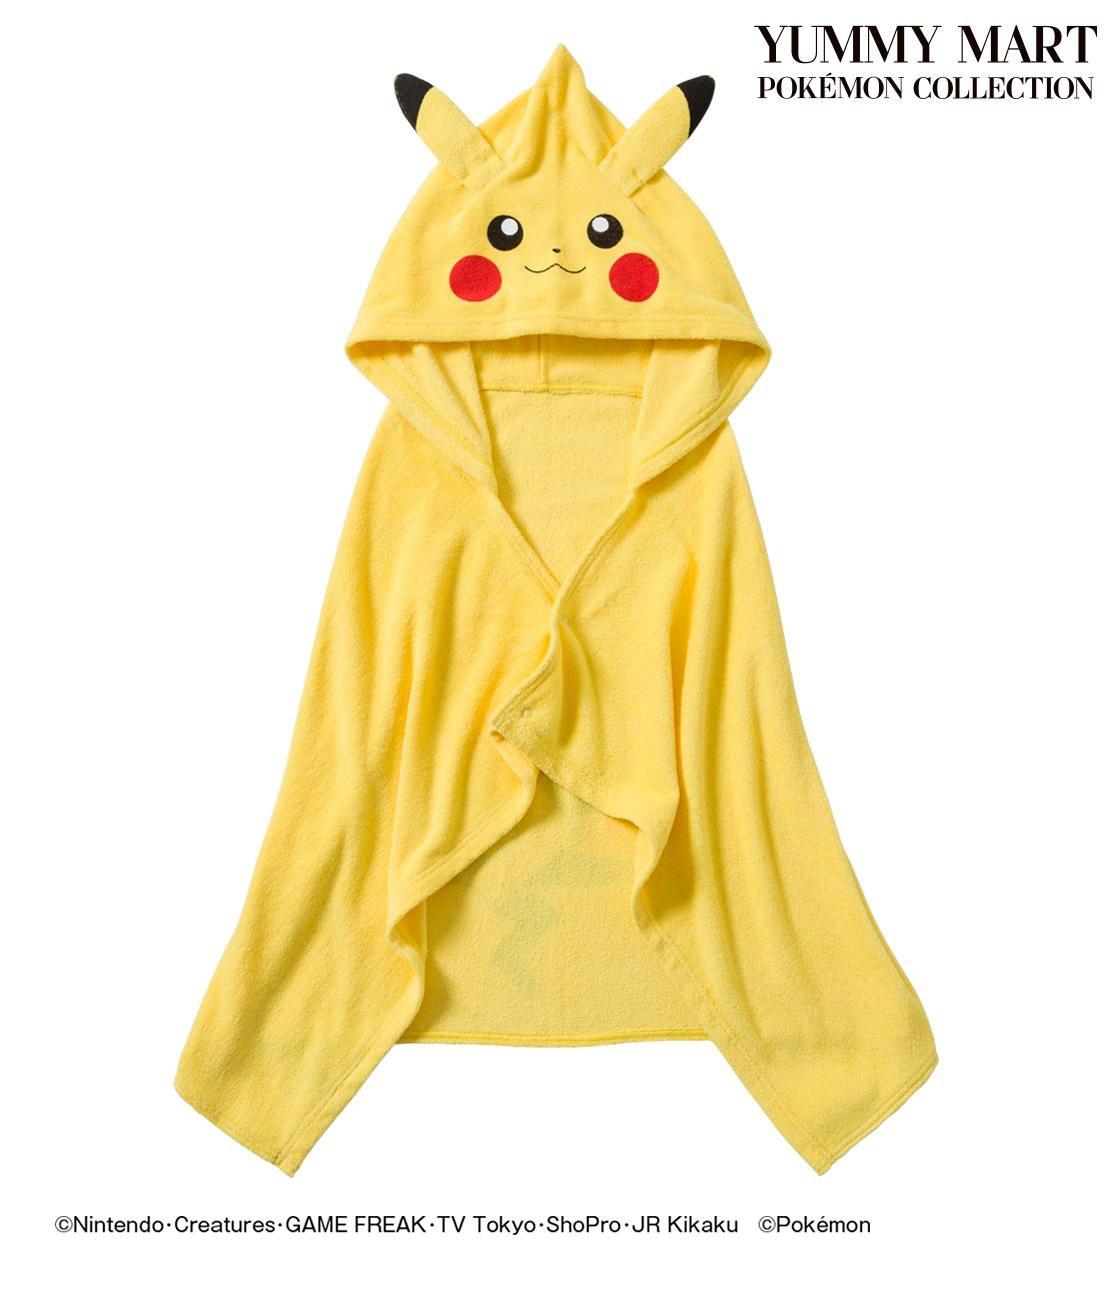 YM Pikachu poncho